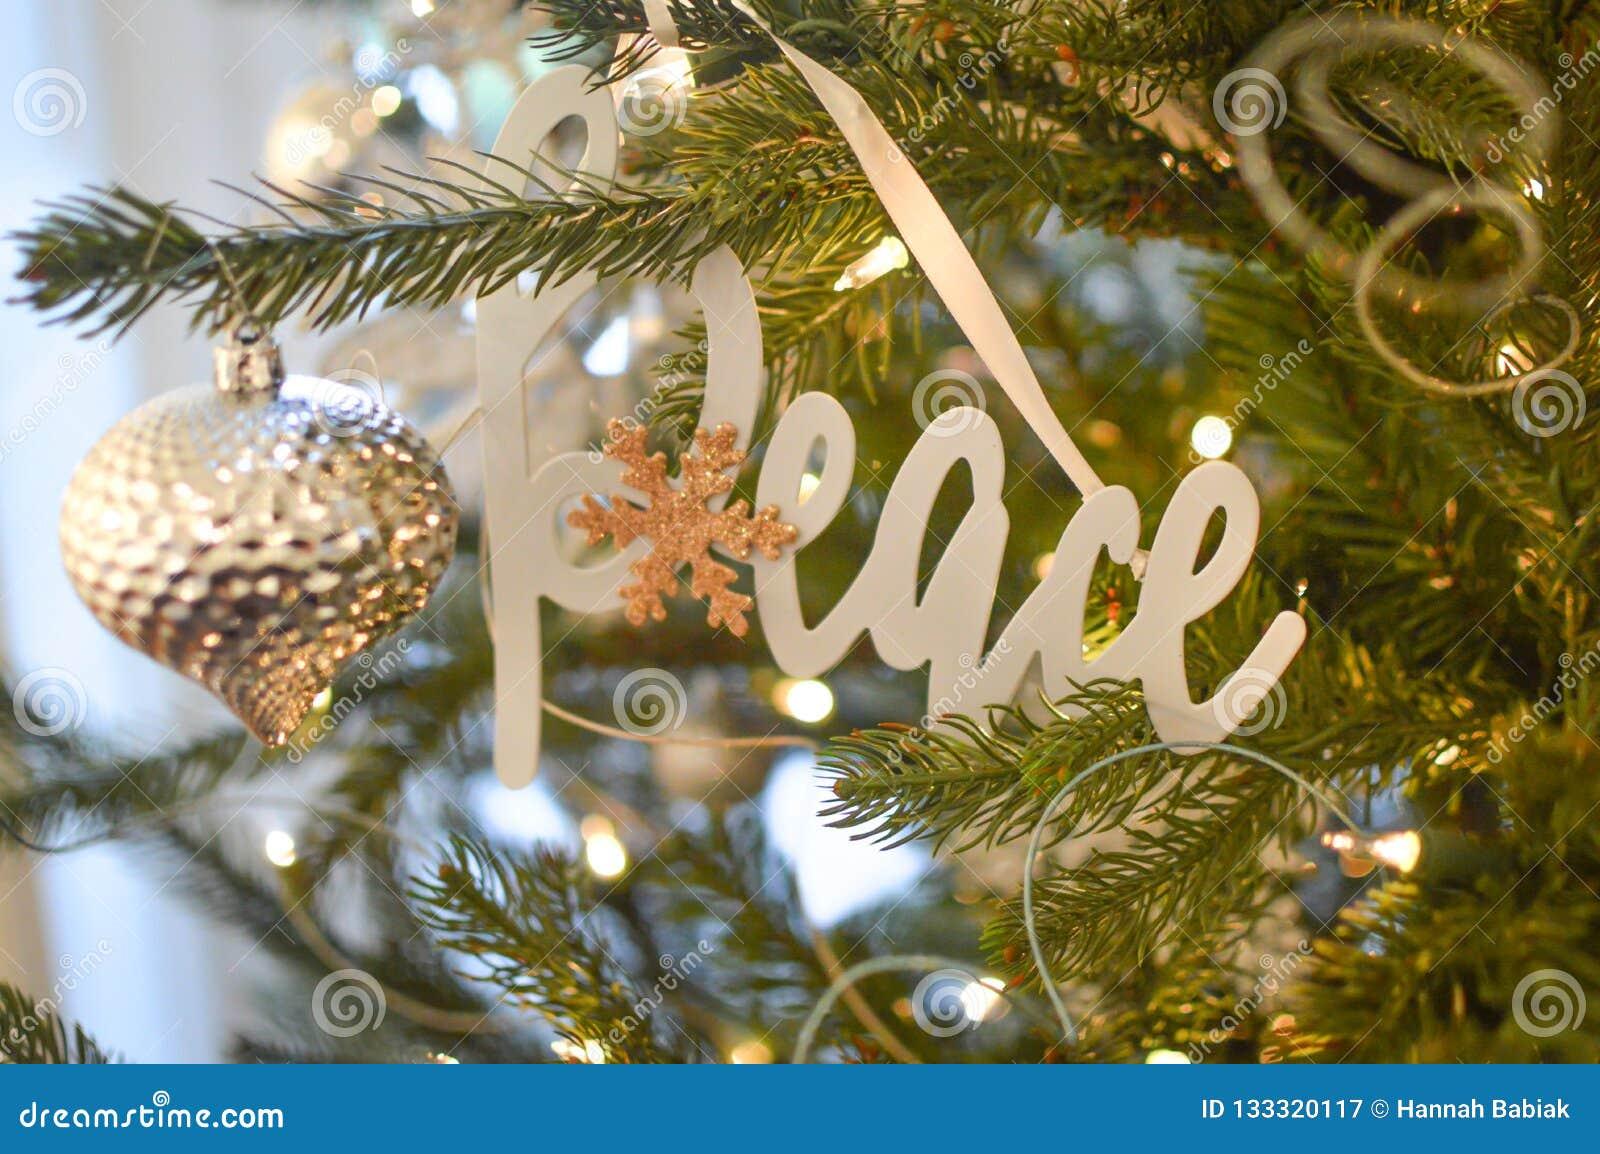 和平-银色圣诞树装饰品-装饰